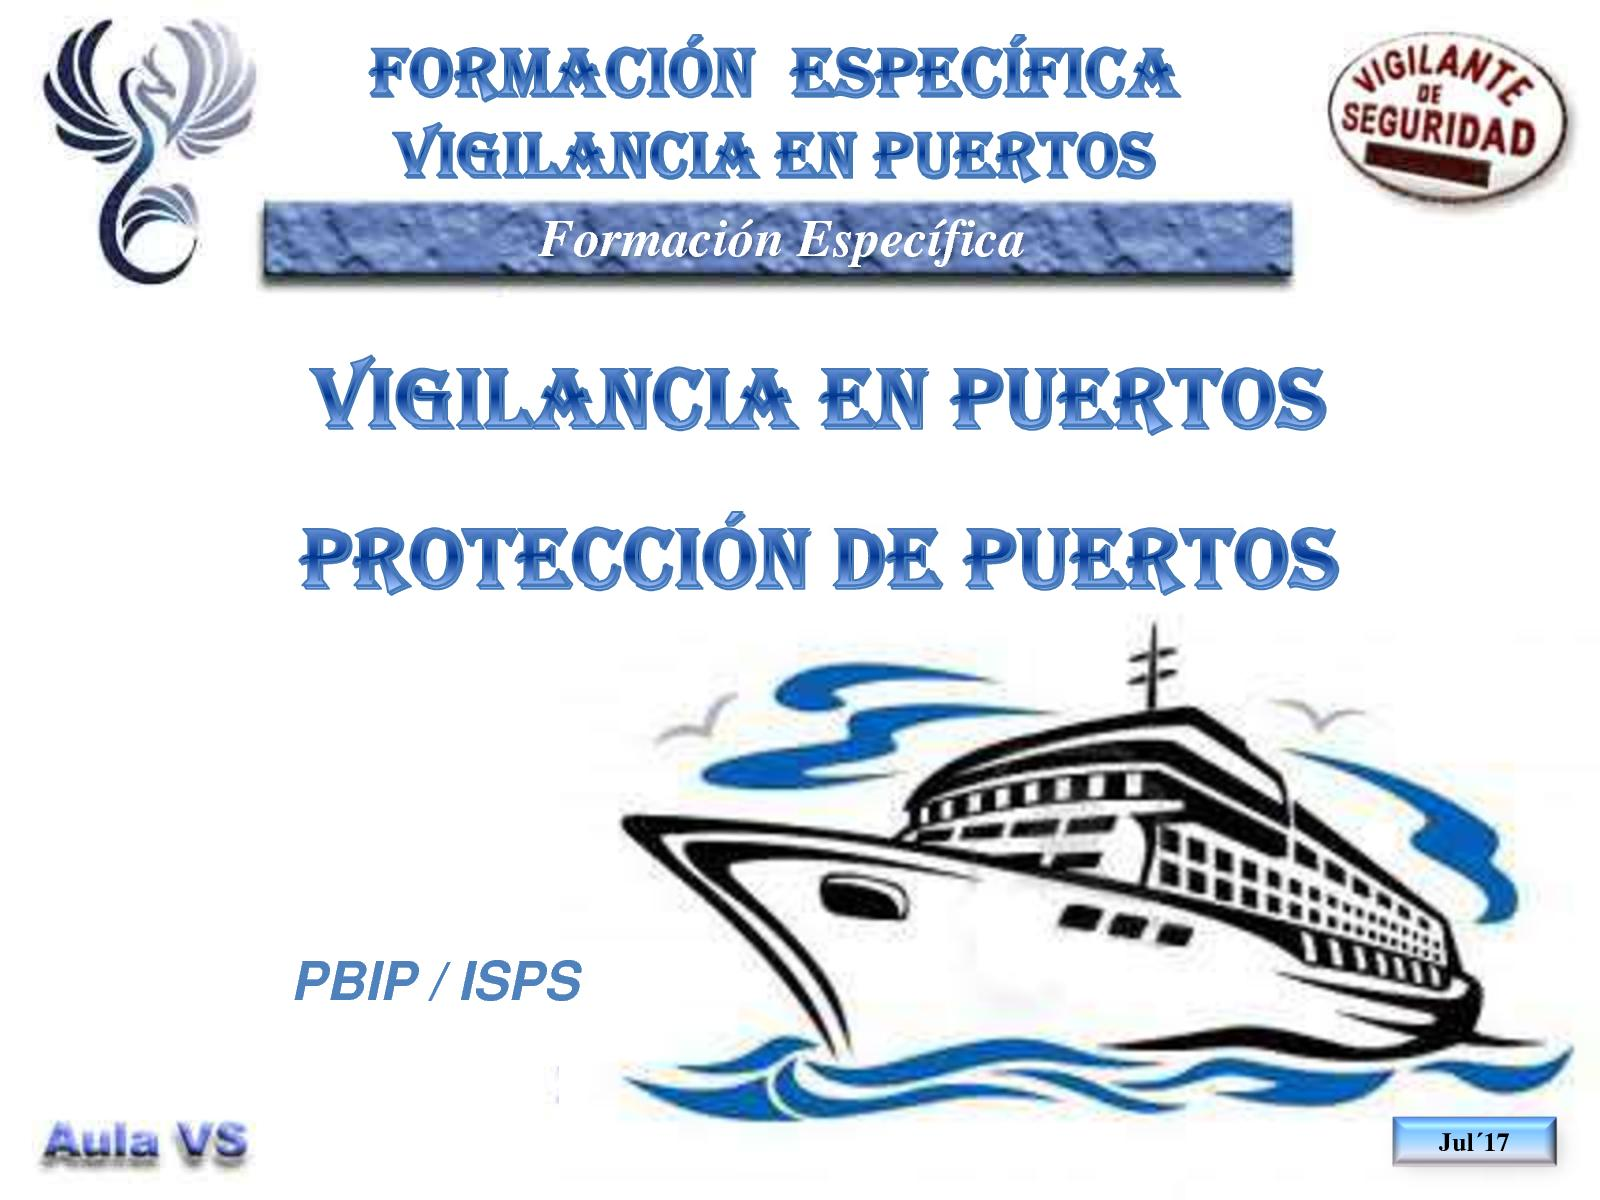 Vp20 - Proteccion De Puertos